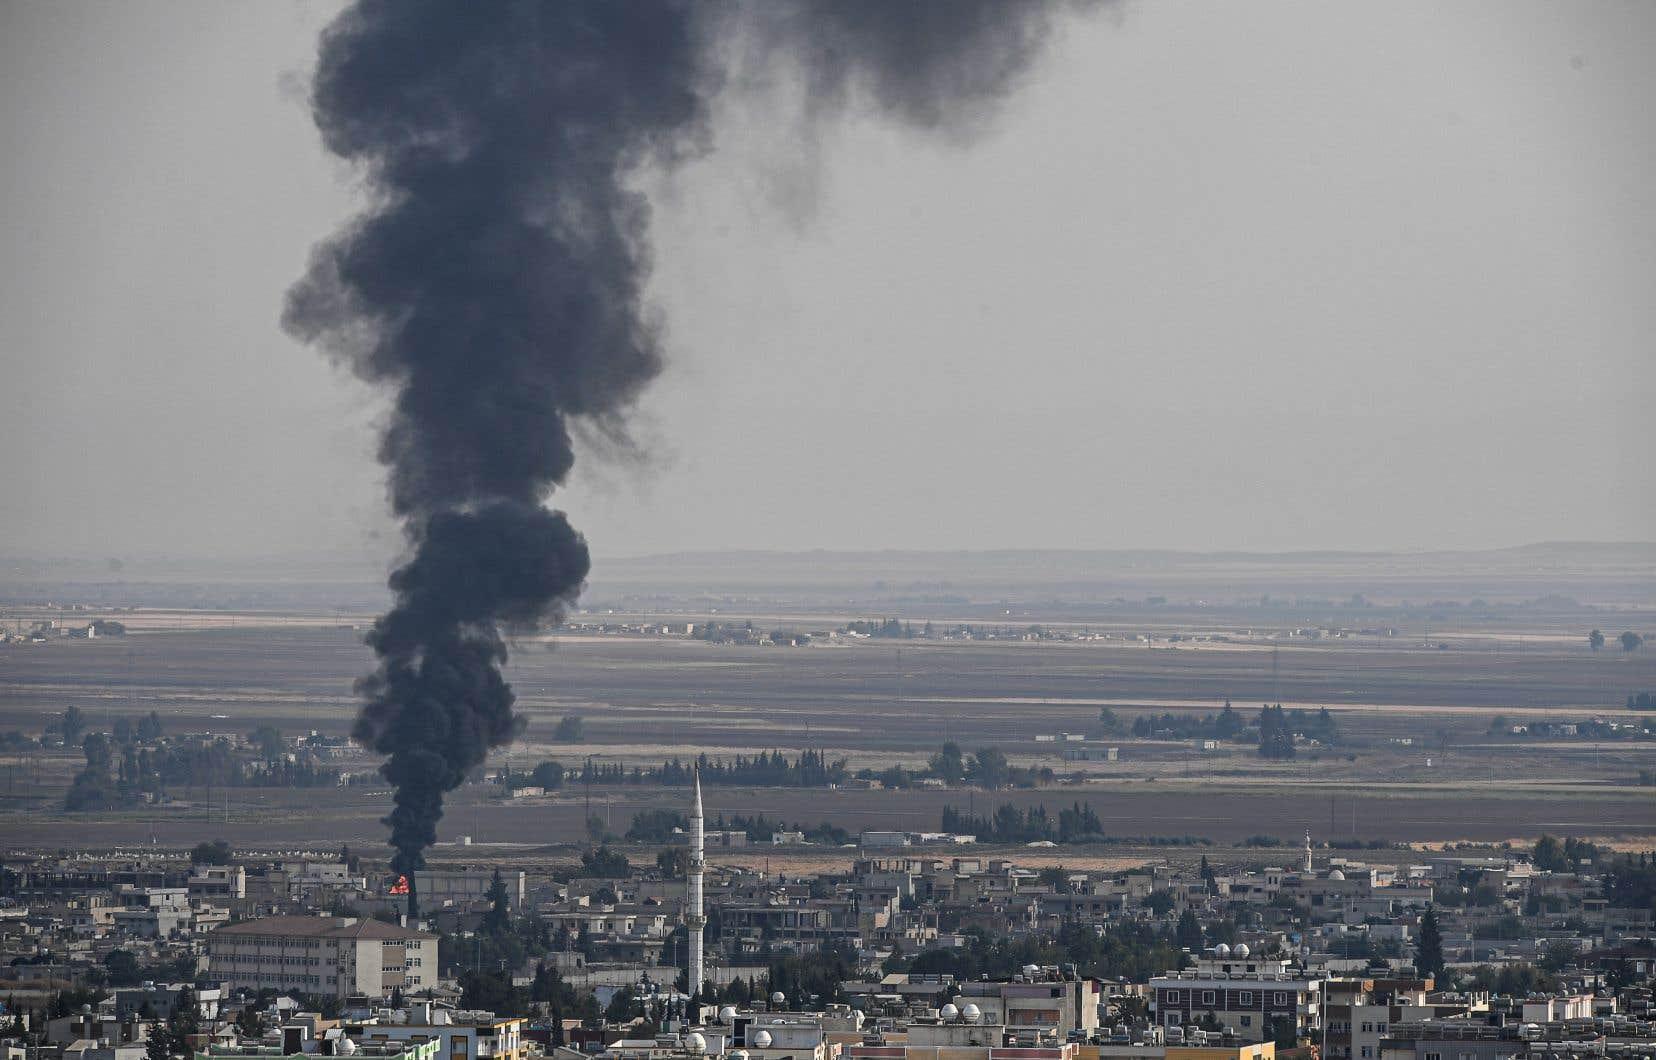 Des affrontements sporadiques entre les forces turques et des groupes kurdes ont été aperçus le 18 octobre dans la ville de Ras al-Aïn, malgré l'annonce par Ankara d'une trêve de cinq jours.